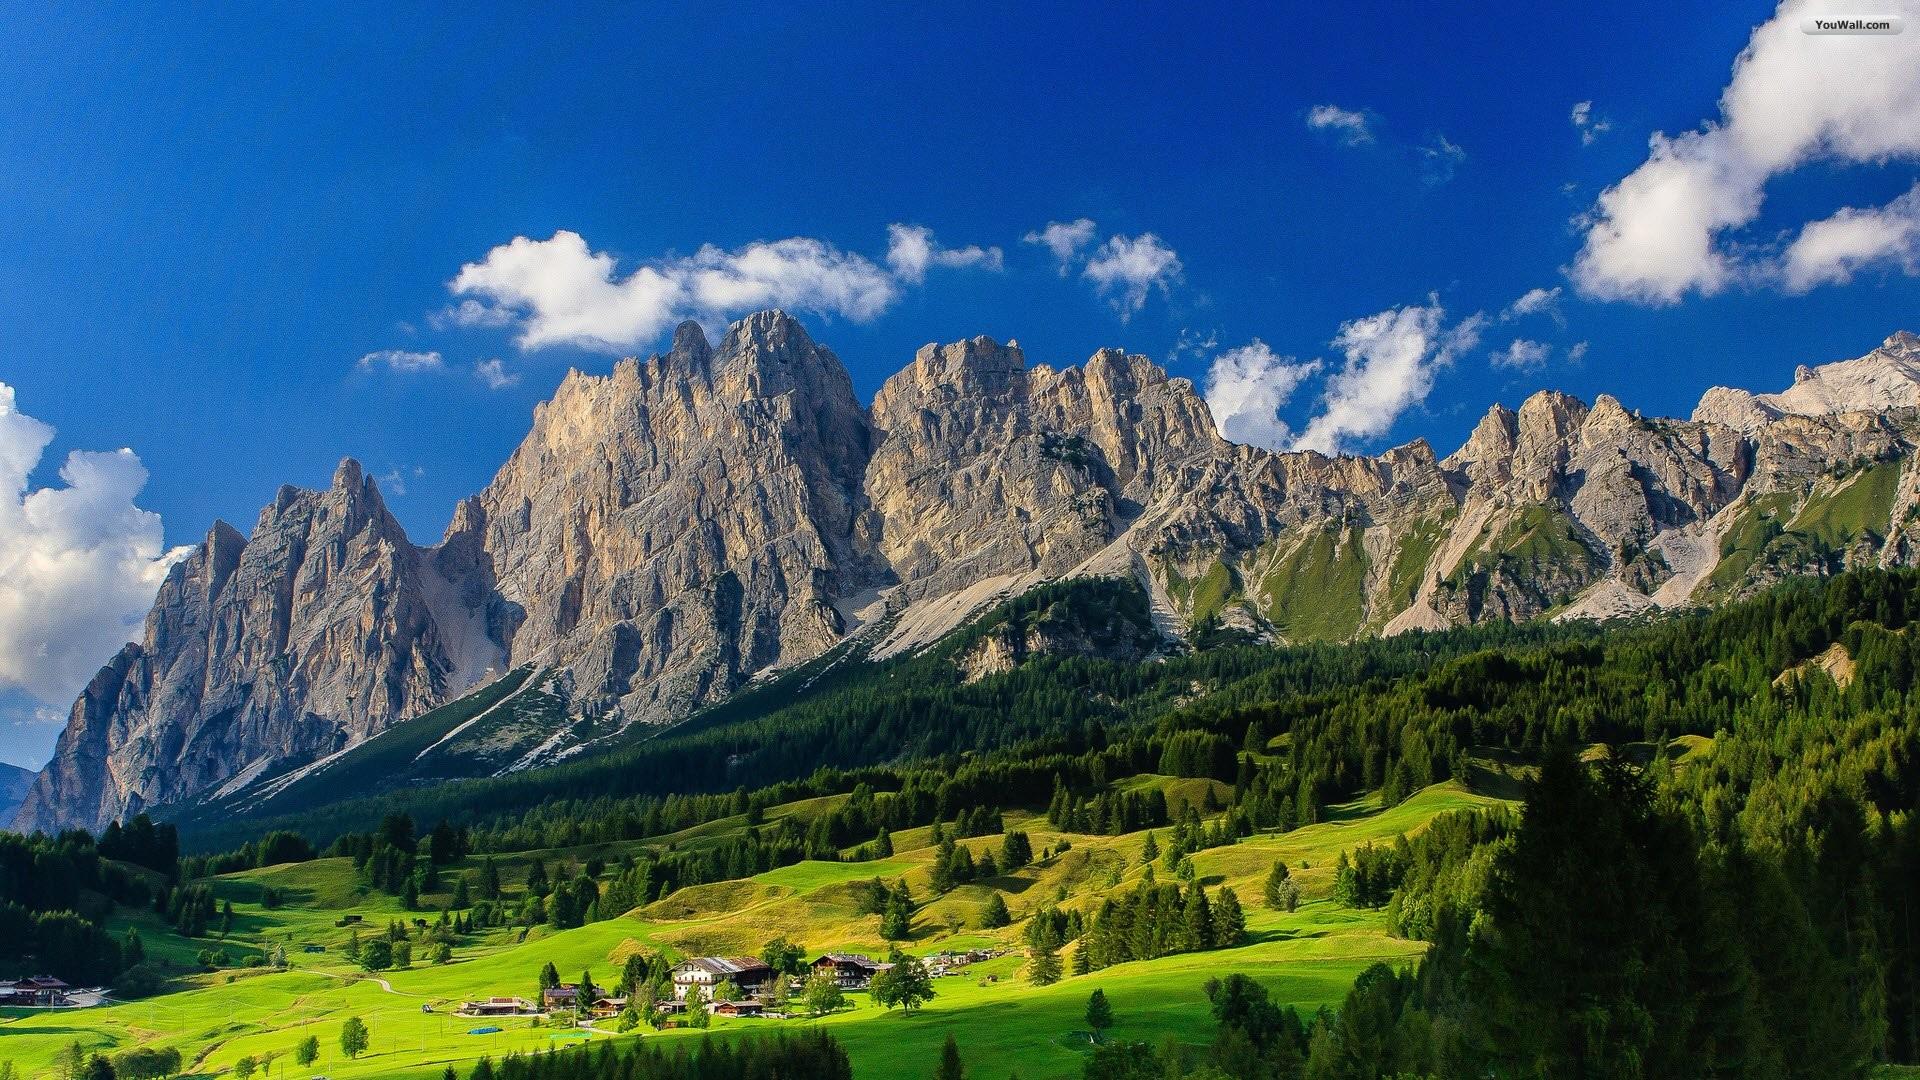 Mountain Valley Wallpaper